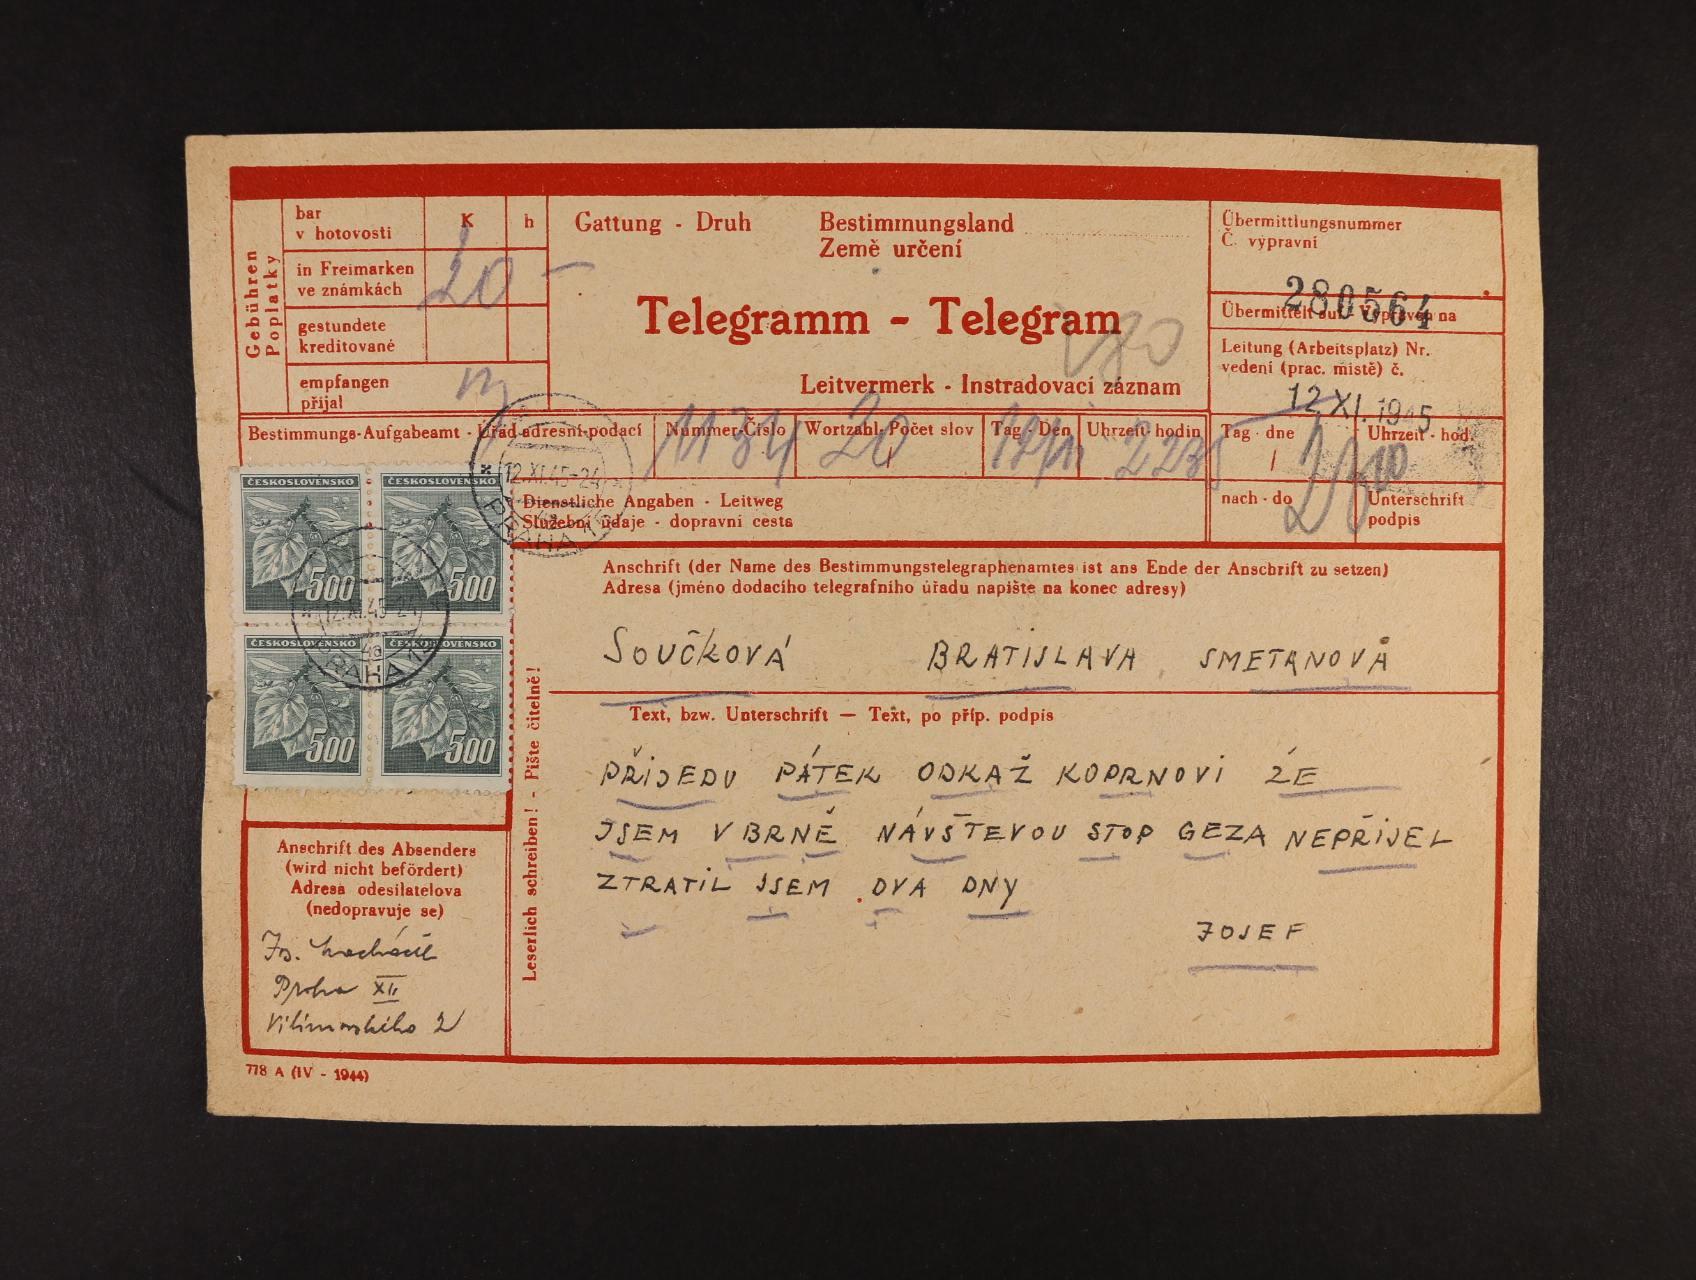 protektorátní dvojjazyčný formulář Telegramm - Telegram frank. čtyřblokem zn. č. 350 s pod. raz. PRAHA 15 12.11.45, zajímavý doklad